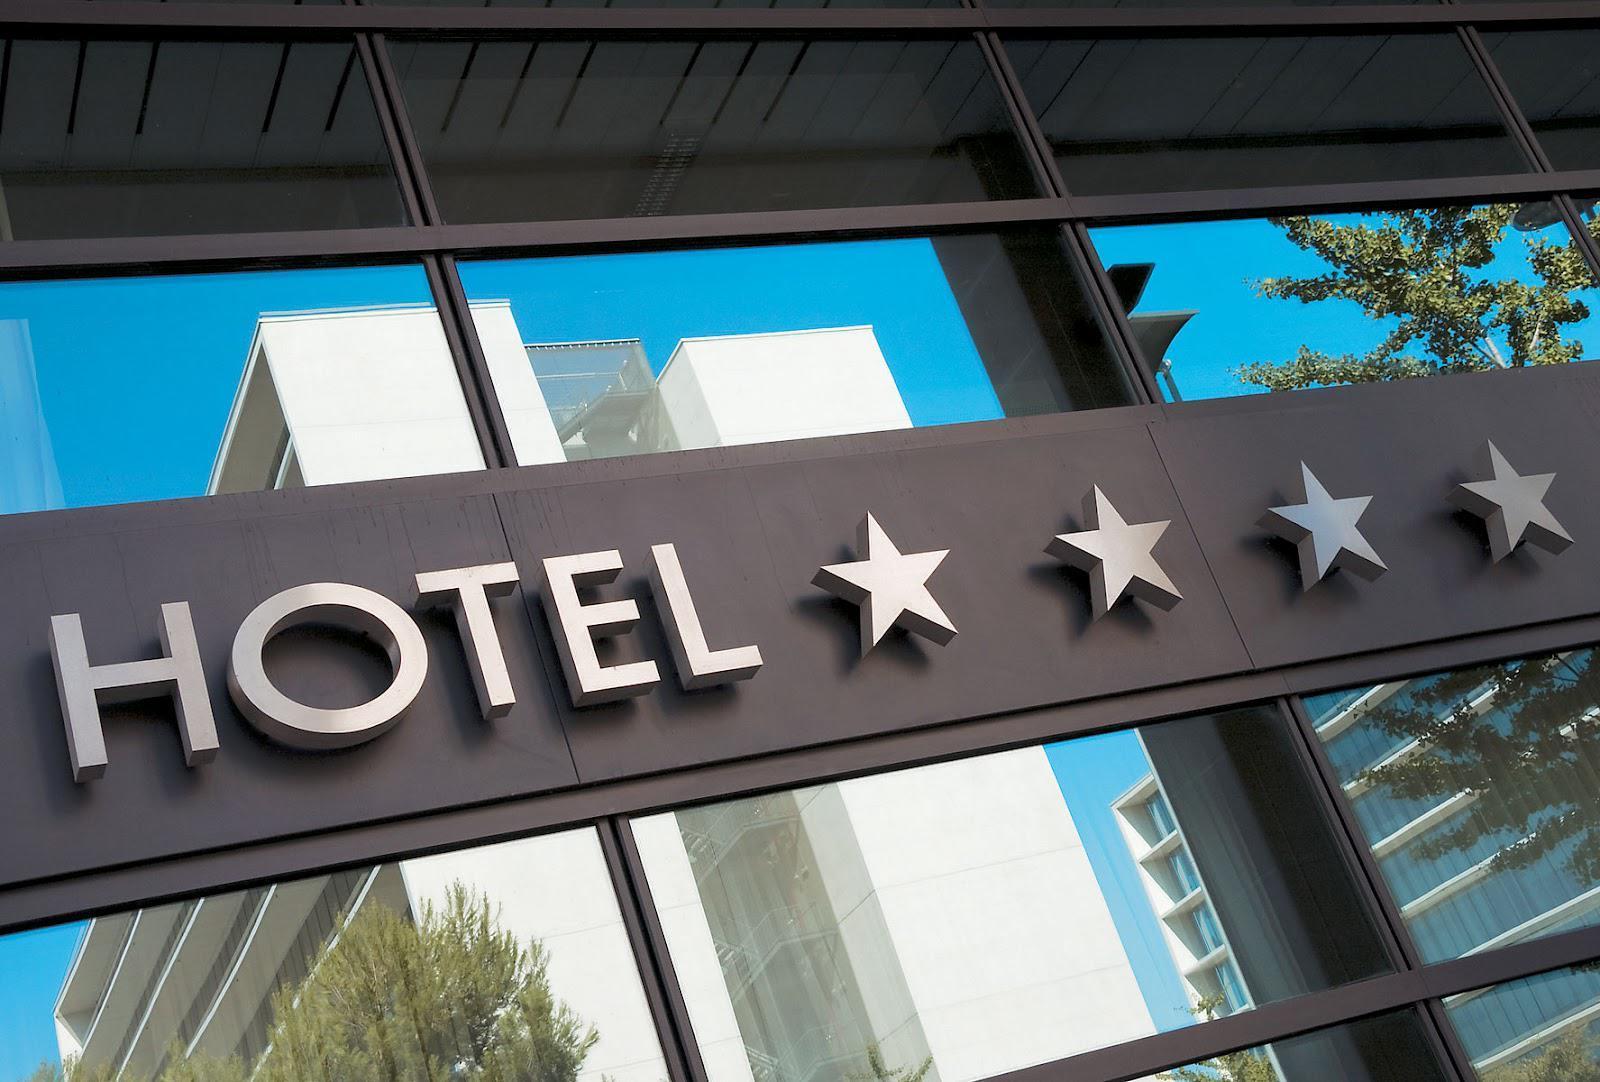 Υπ. Τουρισμού: Υποχρεωτική η σύμβαση με γιατρό για κάθε ξενοδοχείο.